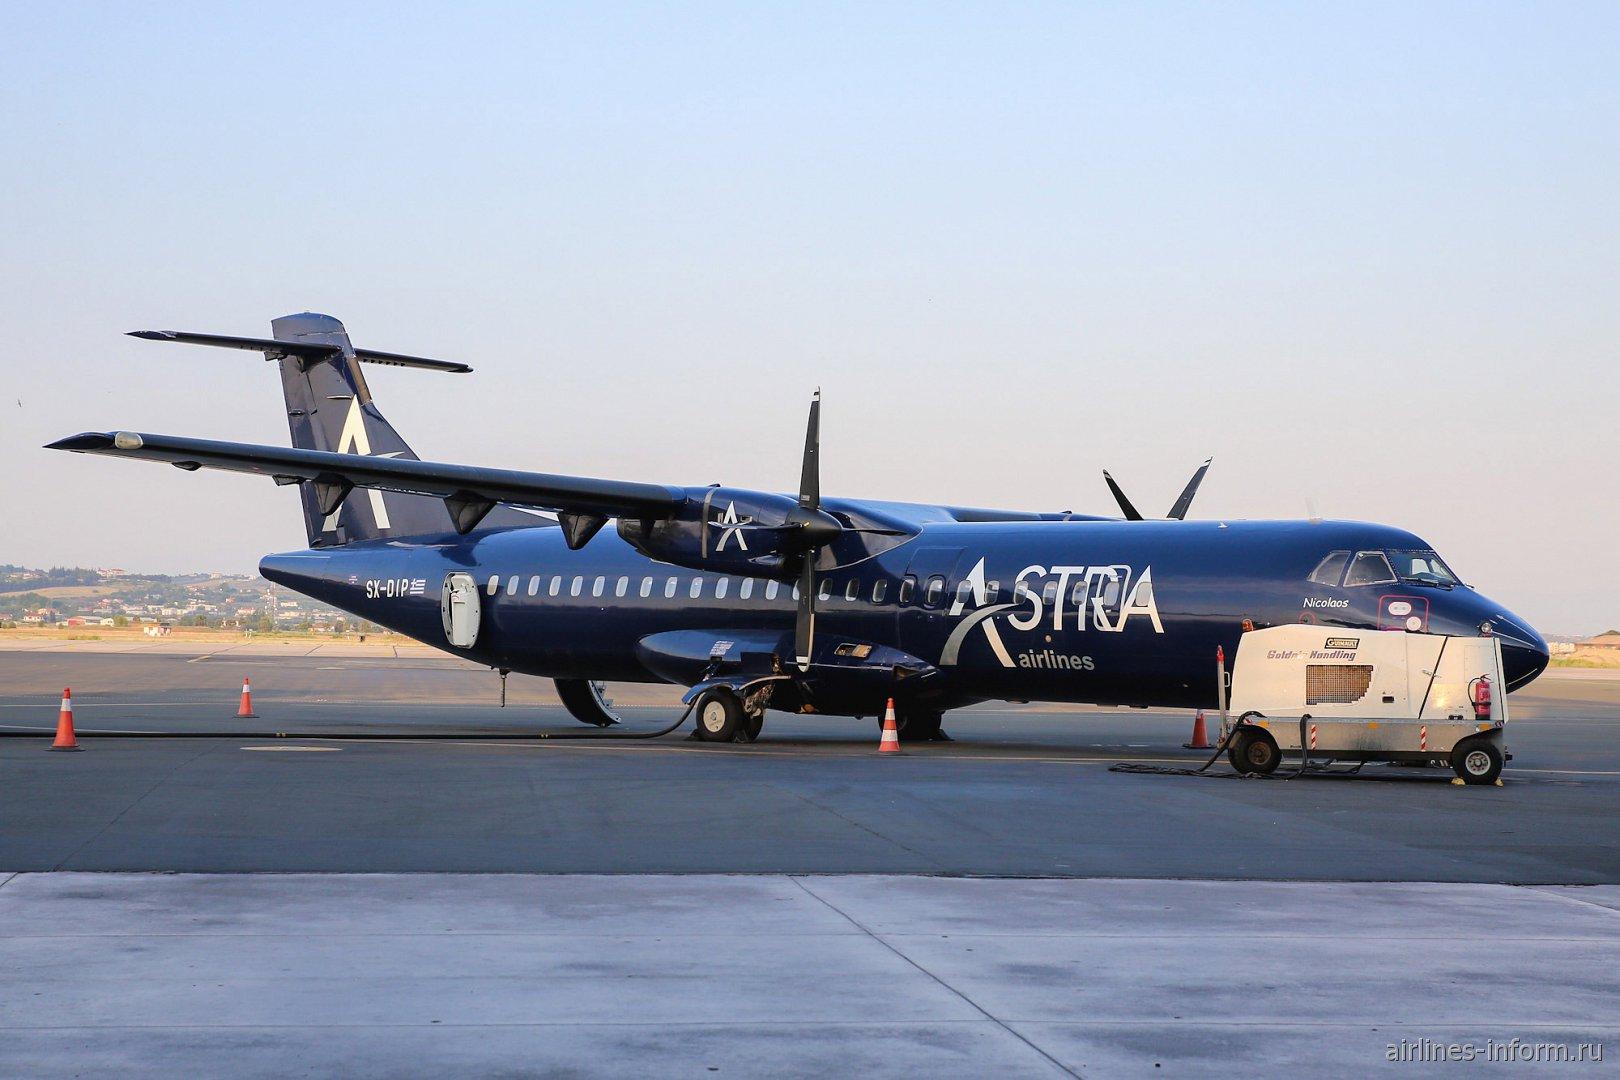 Самолет ATR 72 авиакомпании Astra Airlines в аэропорту Салоники